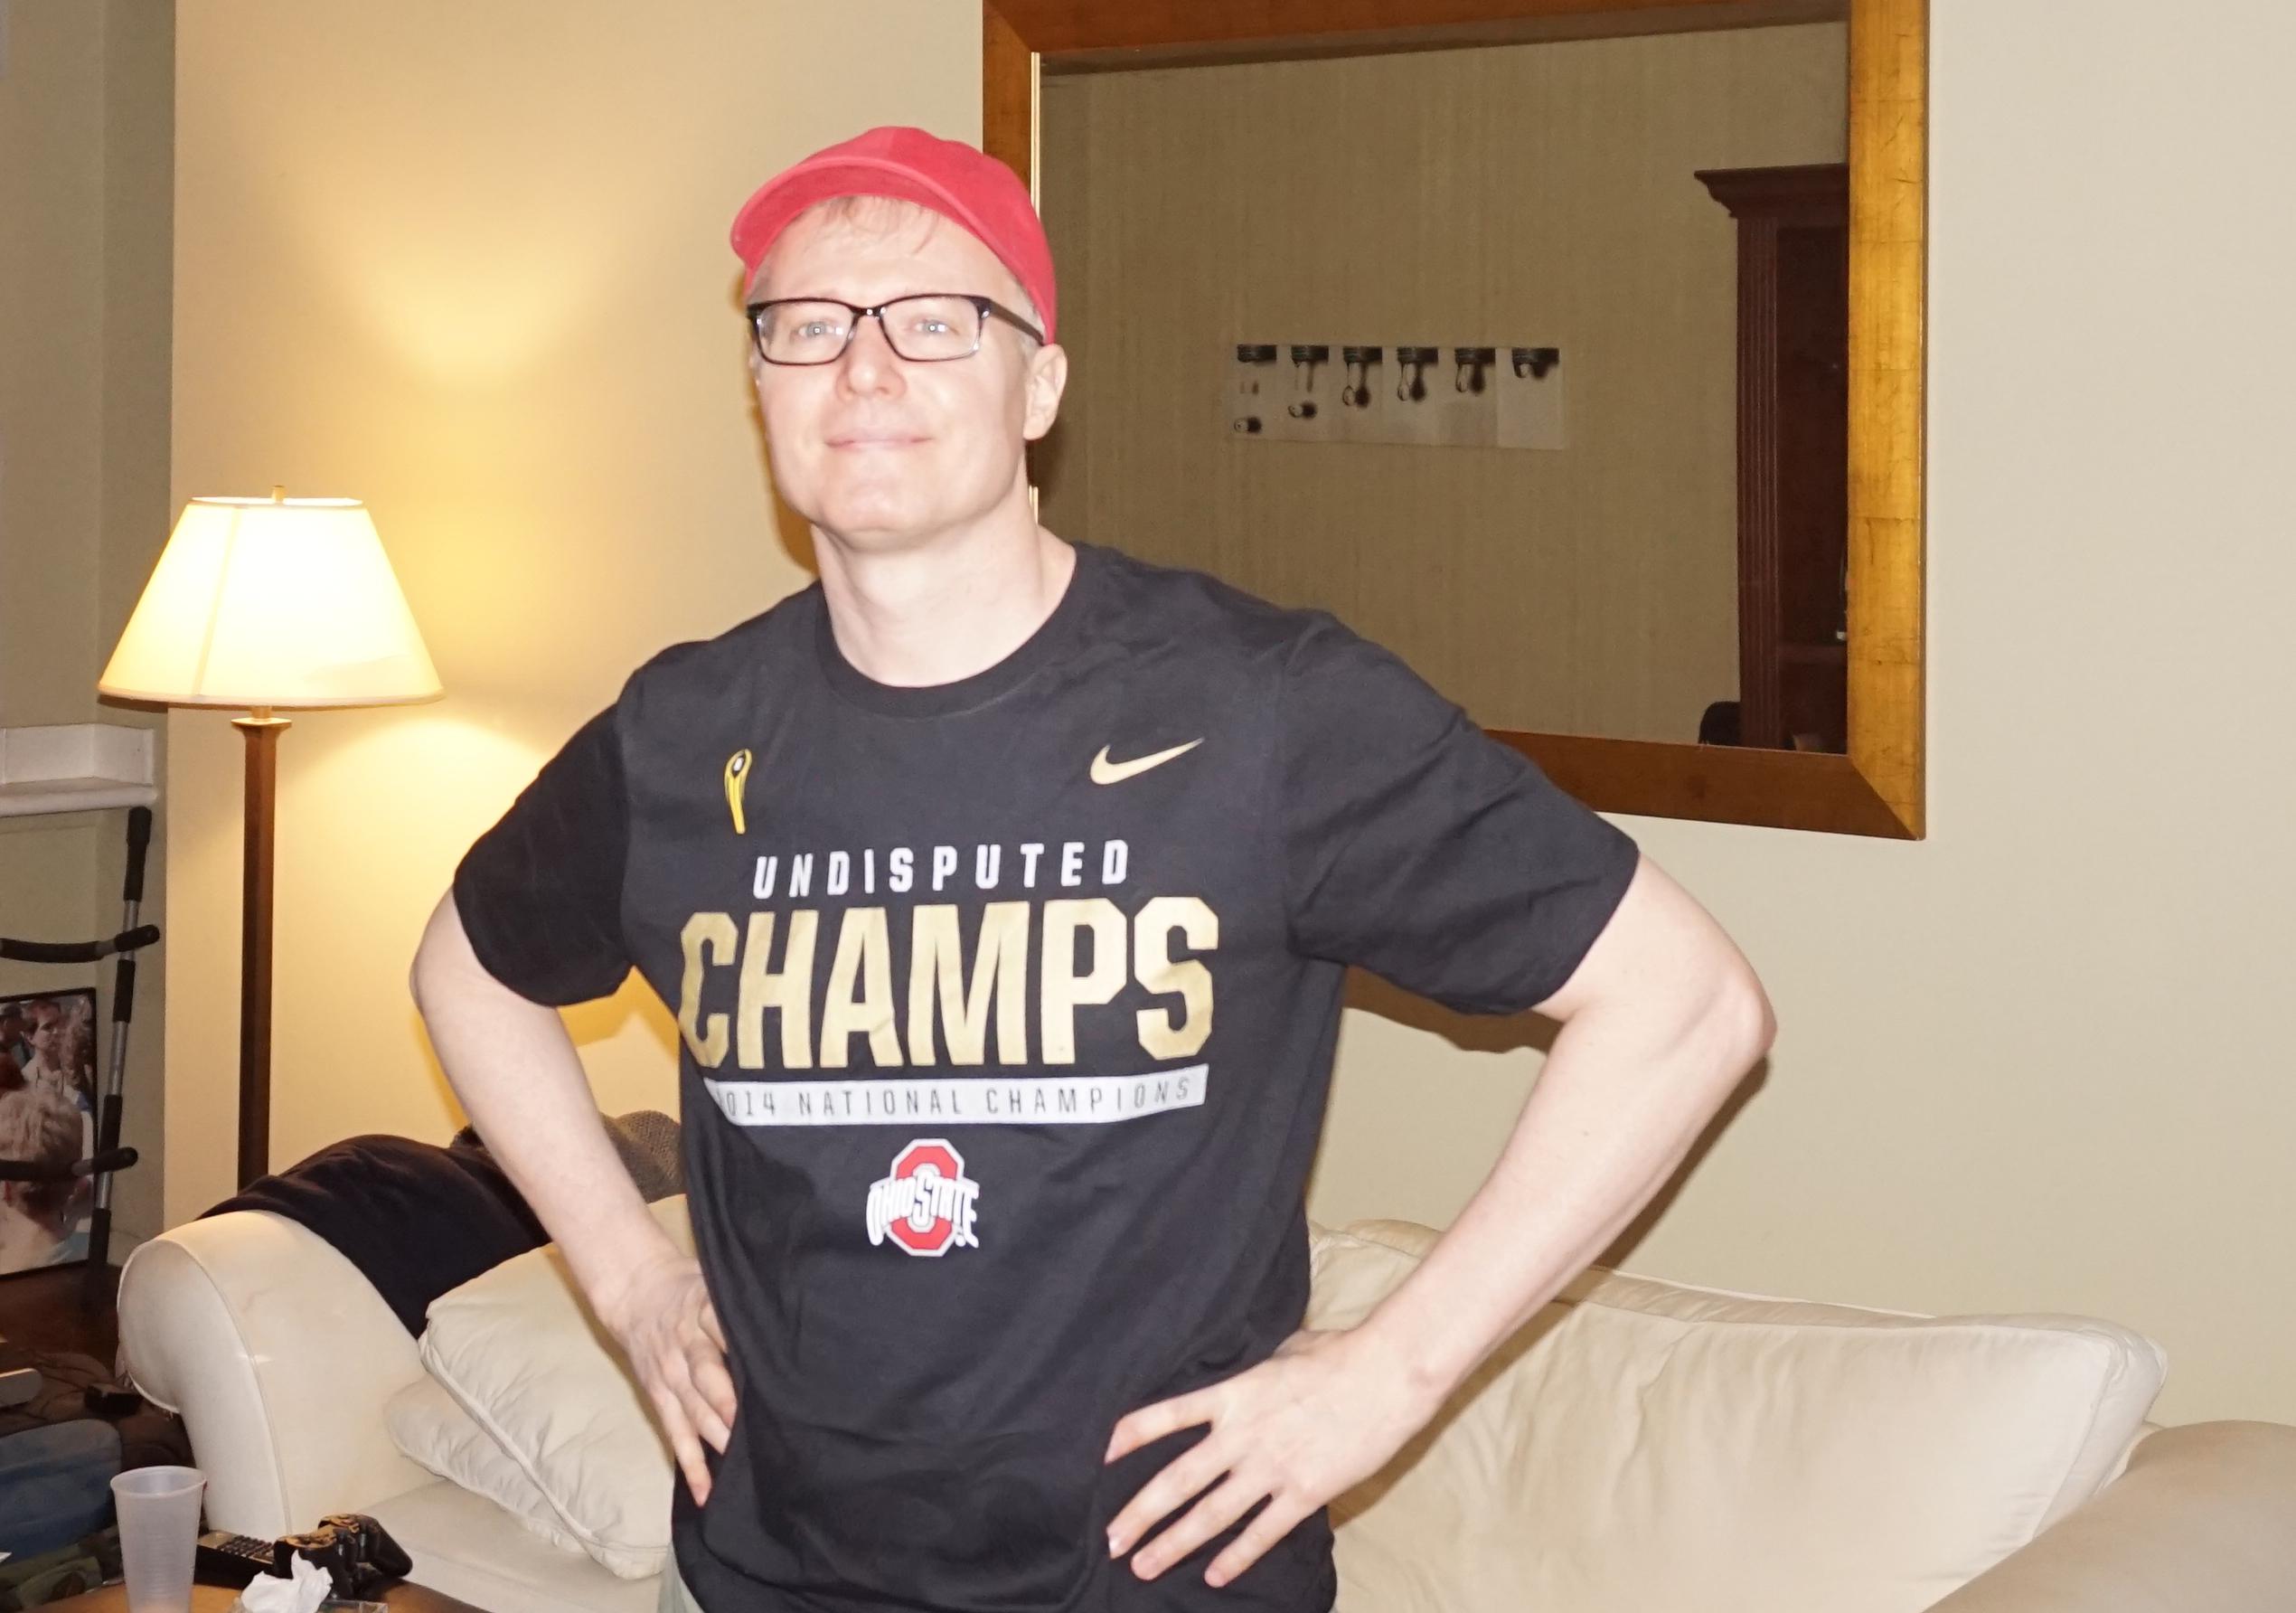 Buckeye Champs T shirt